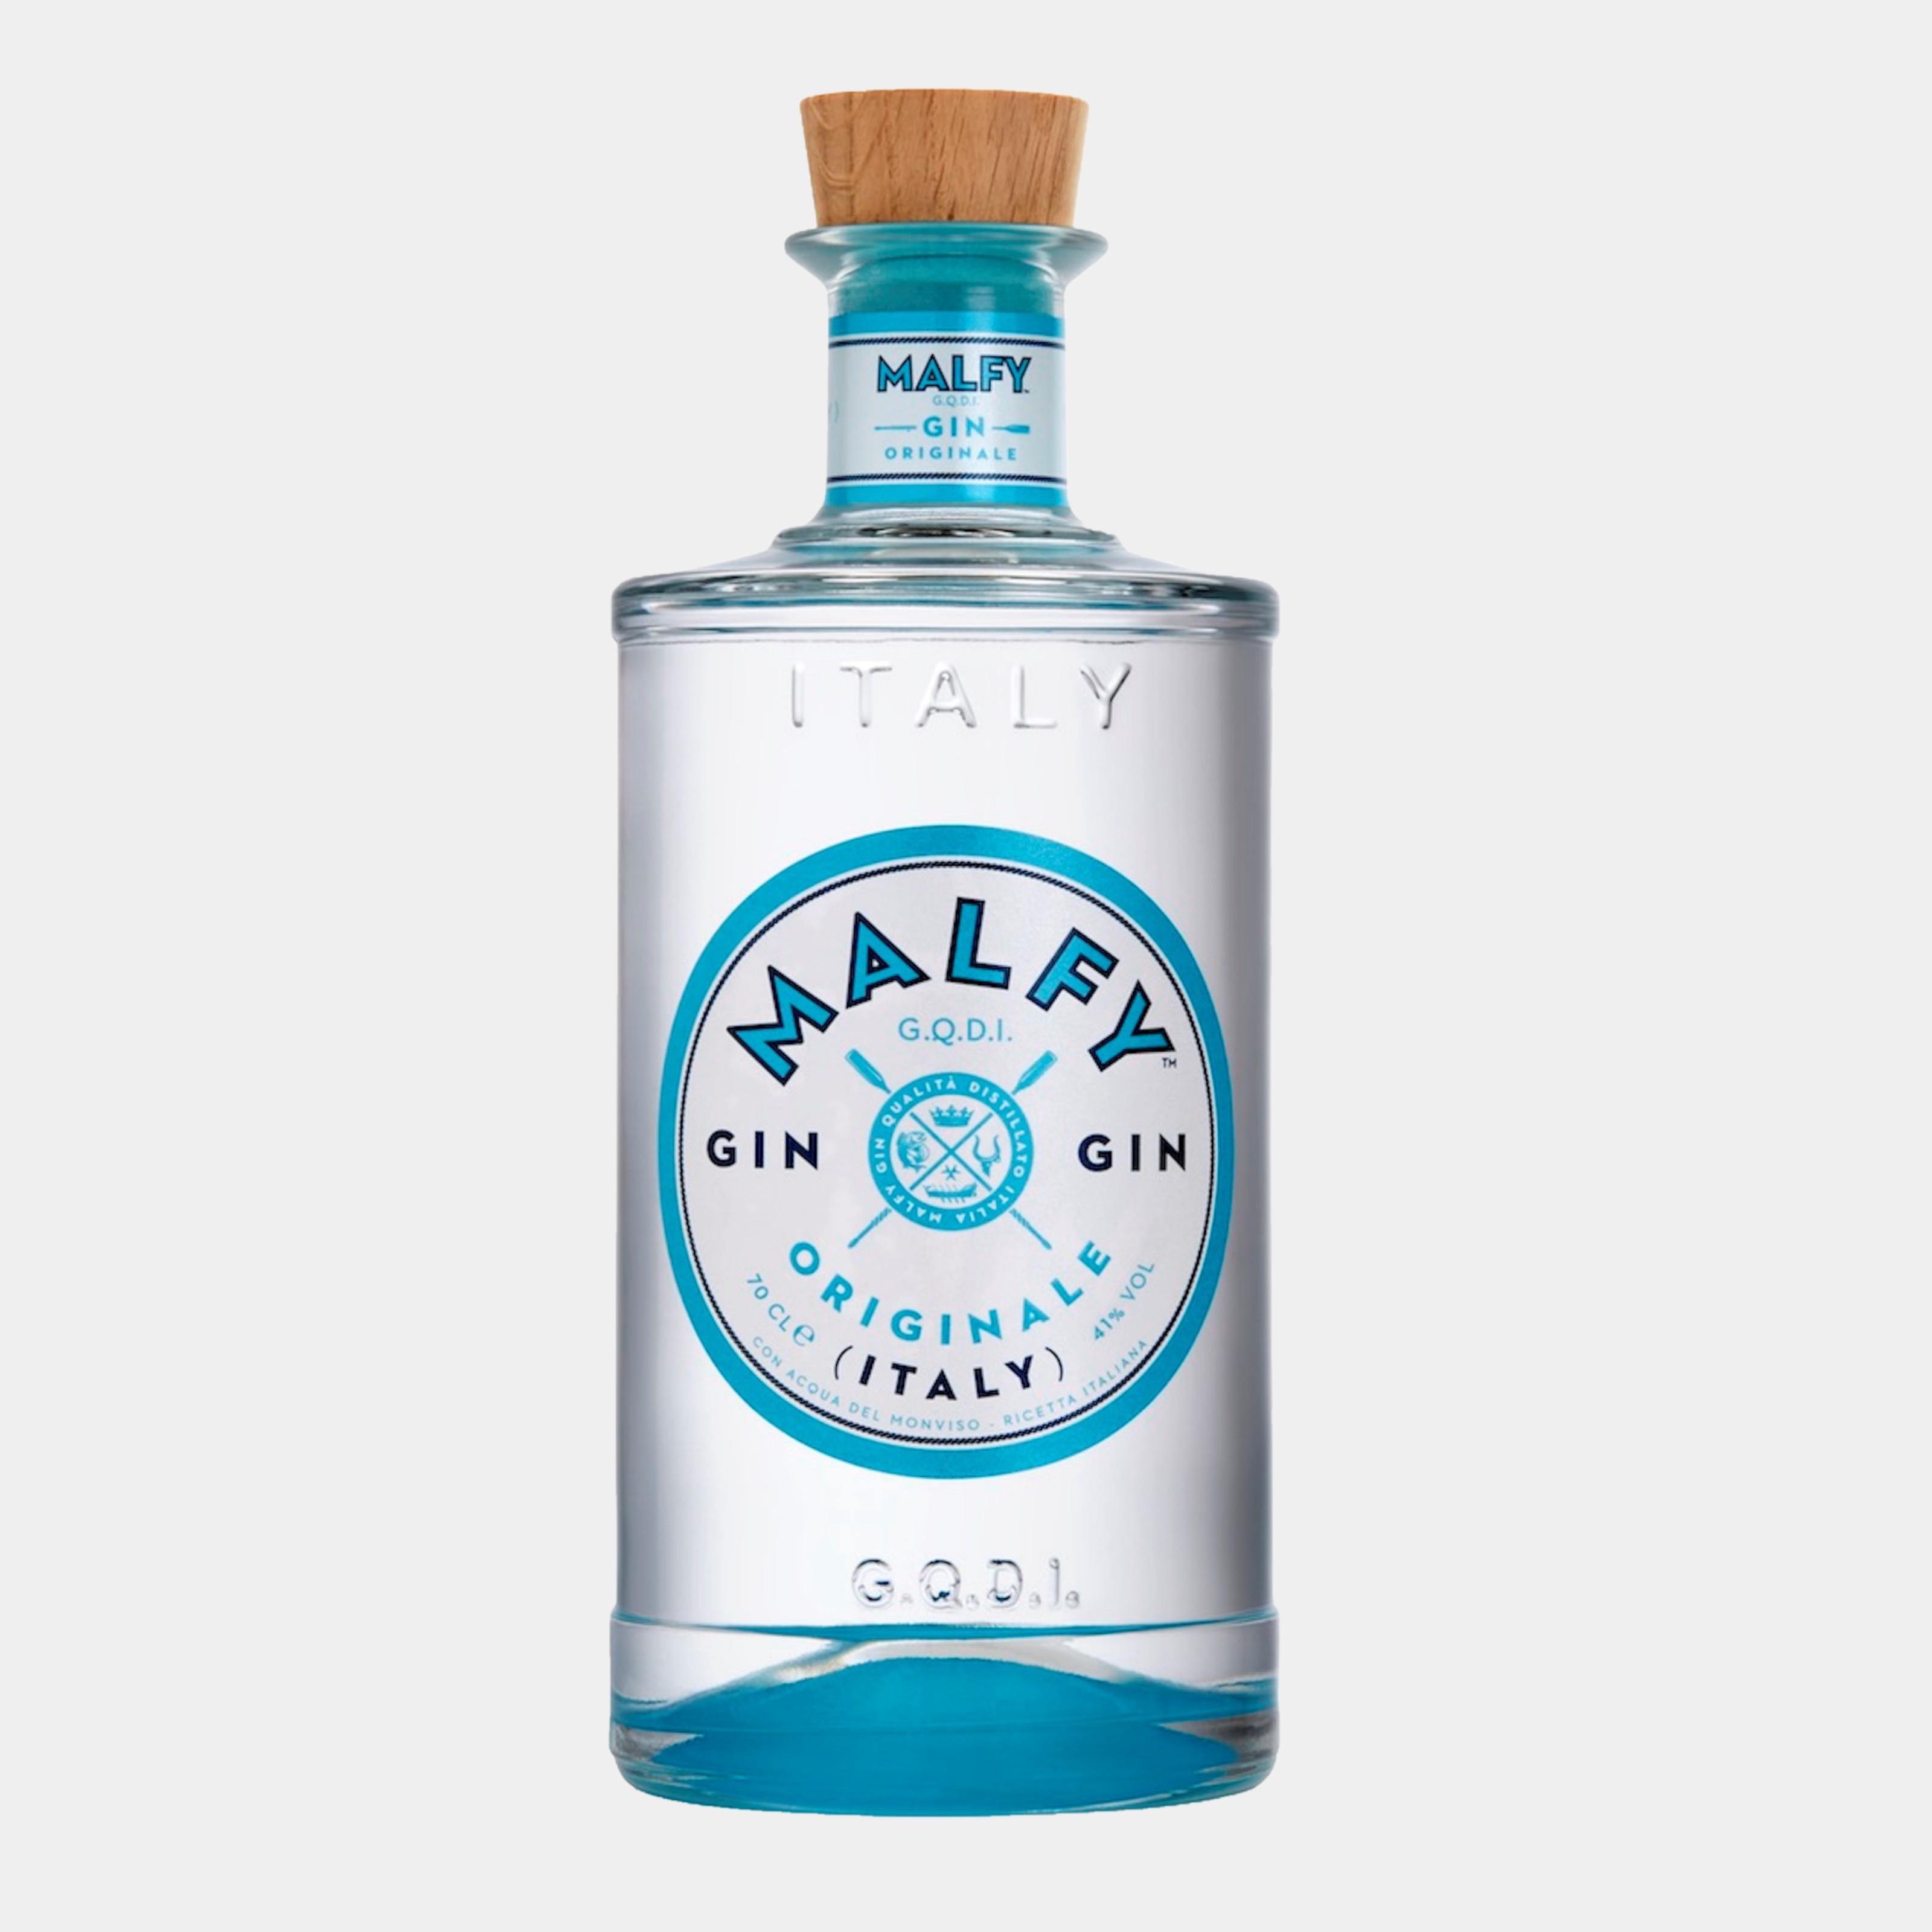 Malfy Originale 0.7L 41% Alk. ginobility.de